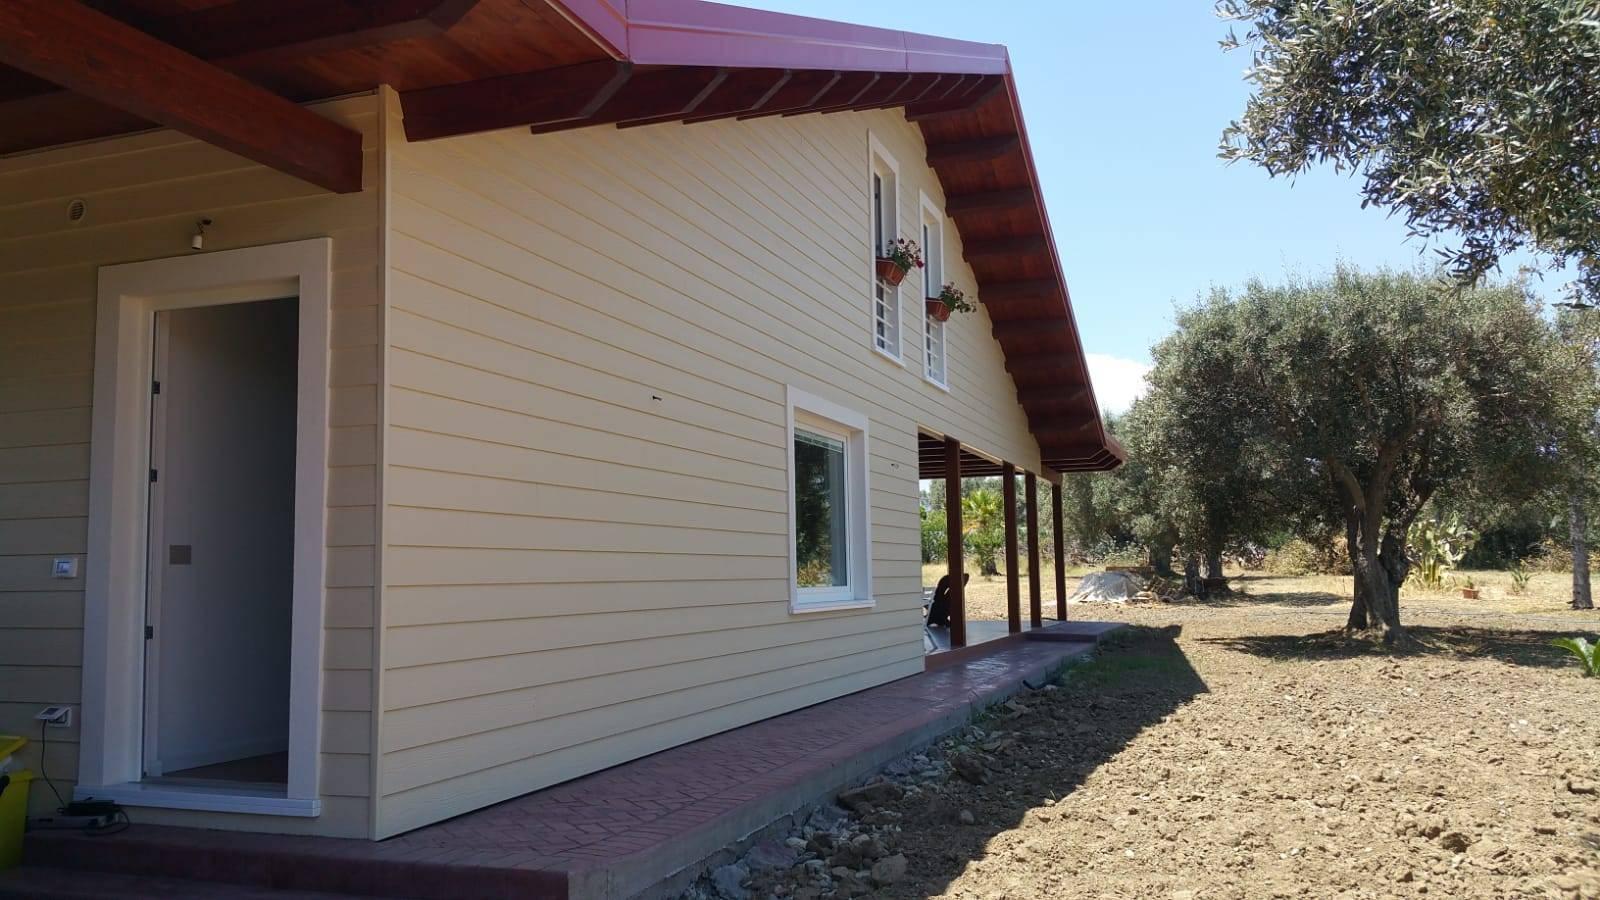 Quanto Costa Una Casa Prefabbricata Finita costruire una casa in legno: un progetto nel sud italia con